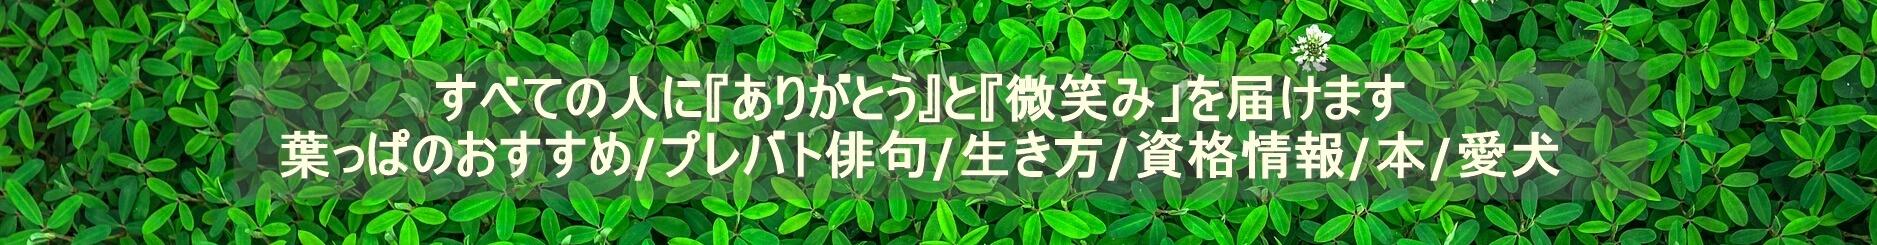 葉っぱのしおりのブログスマホ用ヘッダ画像